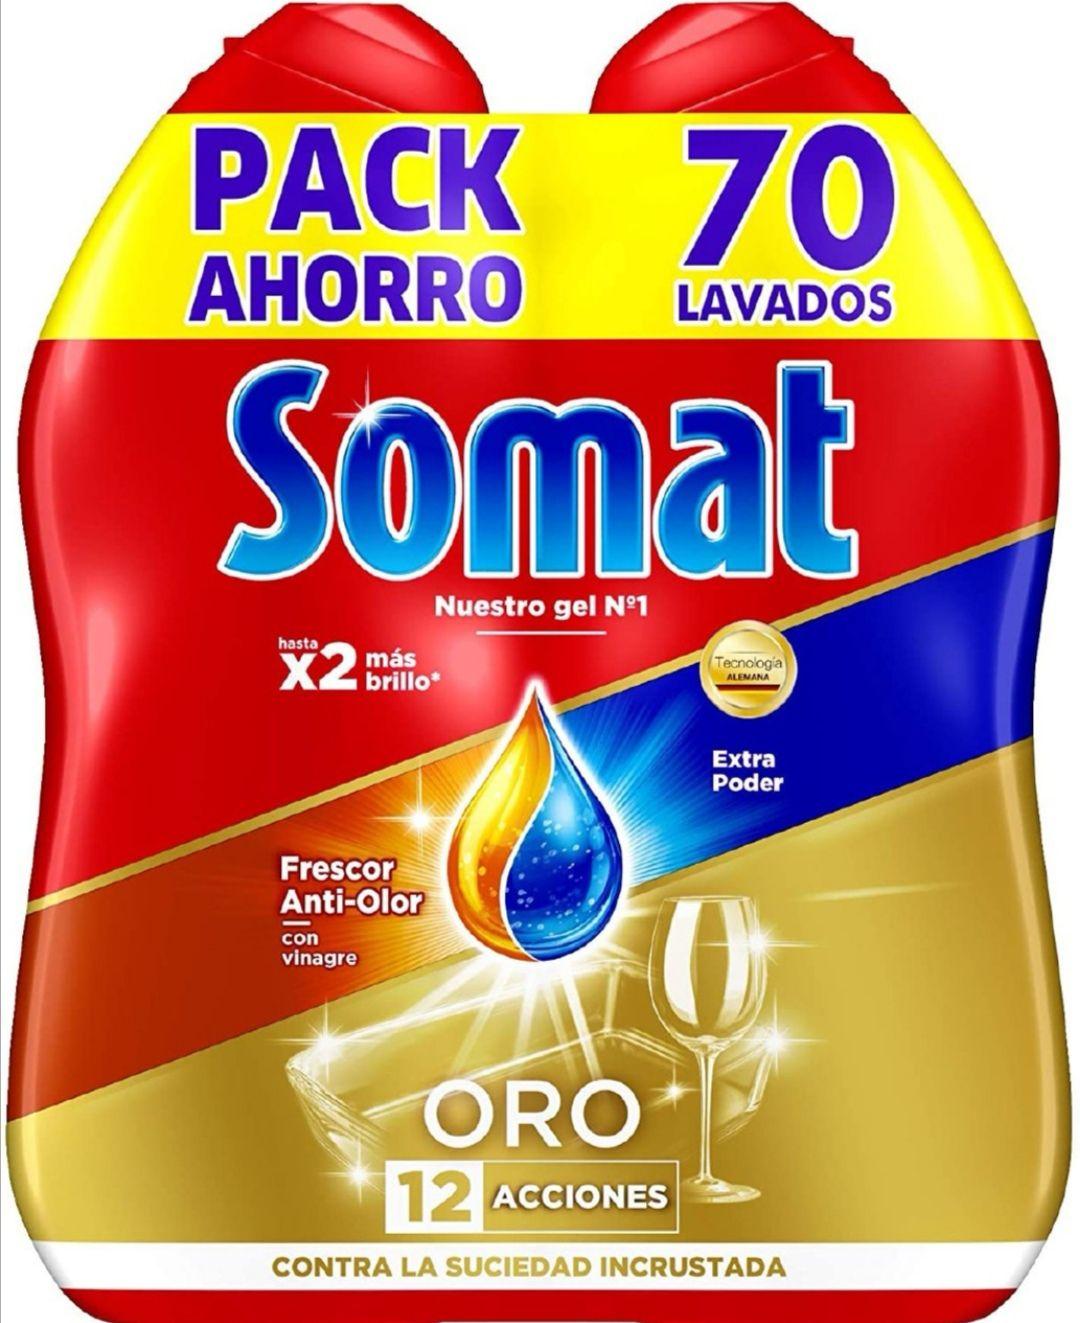 Somat Detergente Gel Lavavajillas Frescor Antiolor - 2 x 35 Lavados